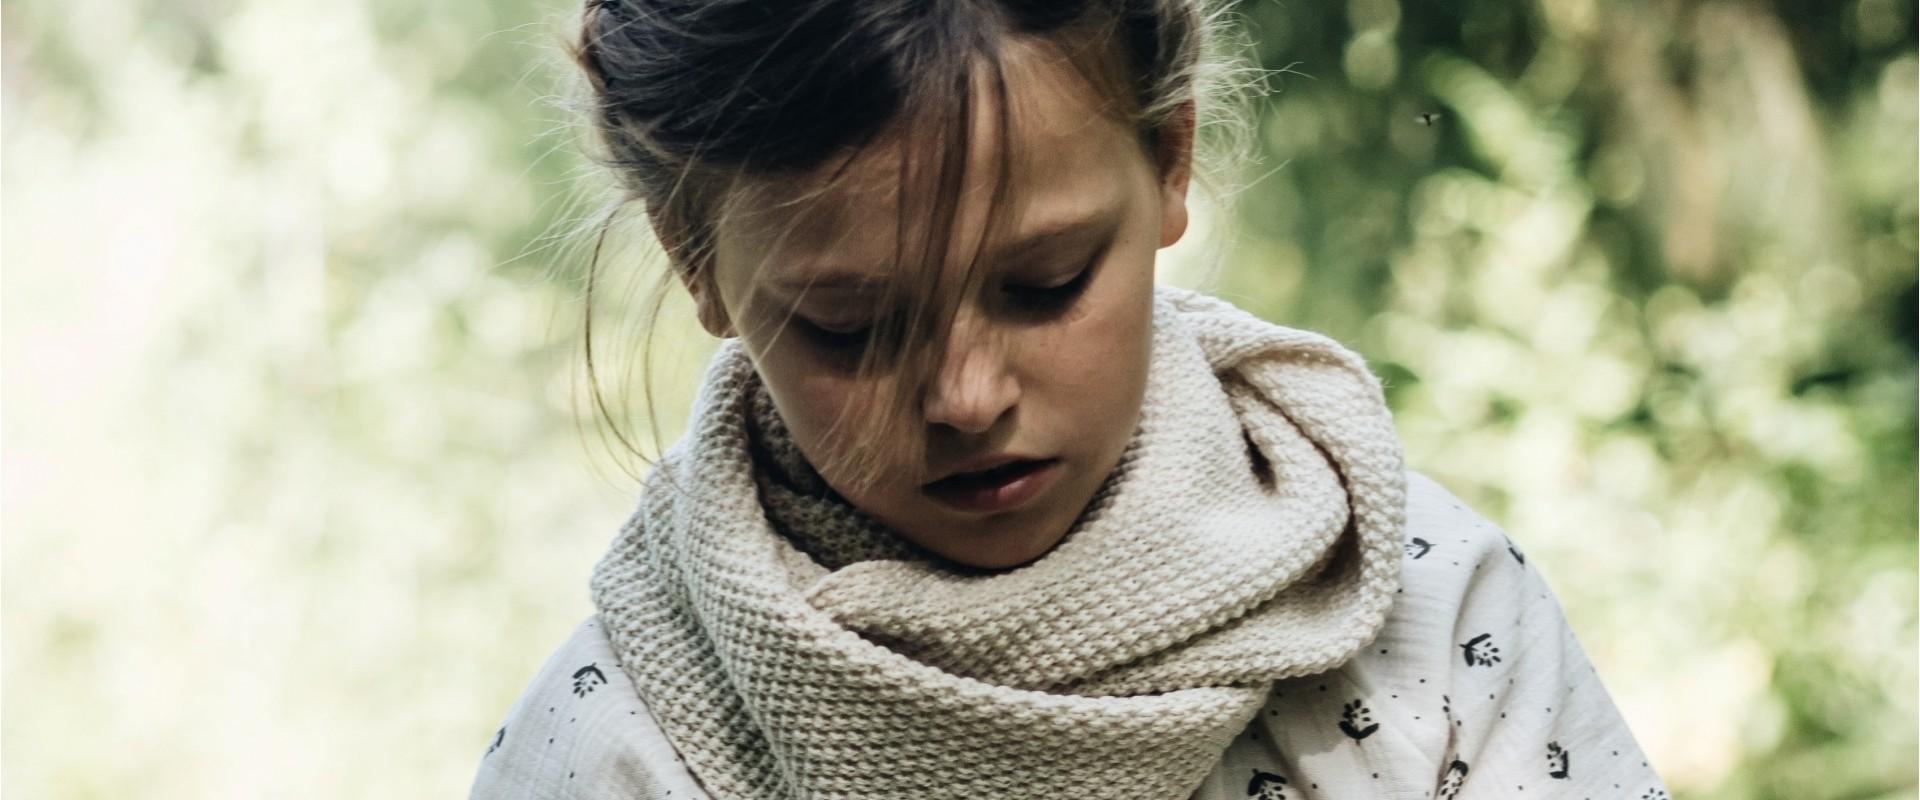 Bufandas, cuellos y pañuelos